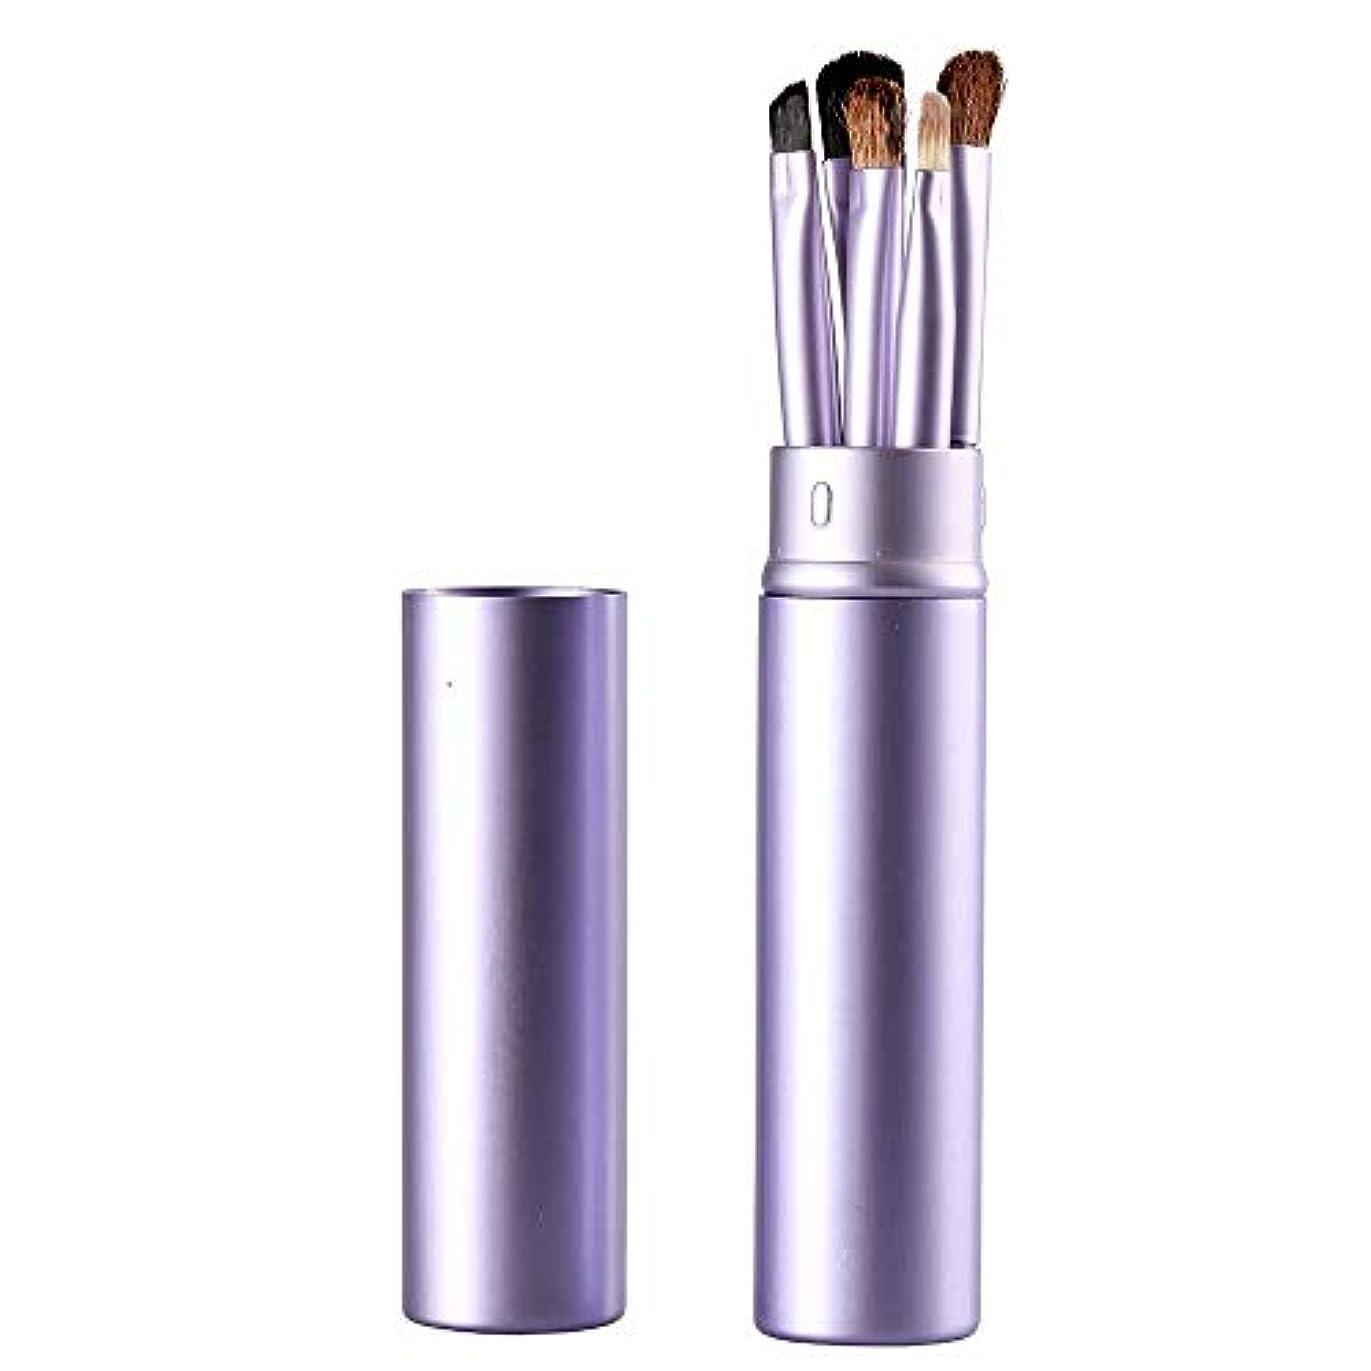 普通のハードリングスツールMakeup brushes 紫色、アイメイクブラシセットブラシ5アイブラシメイクペン美容メイクツールで化粧チューブ保護 suits (Color : Purple)